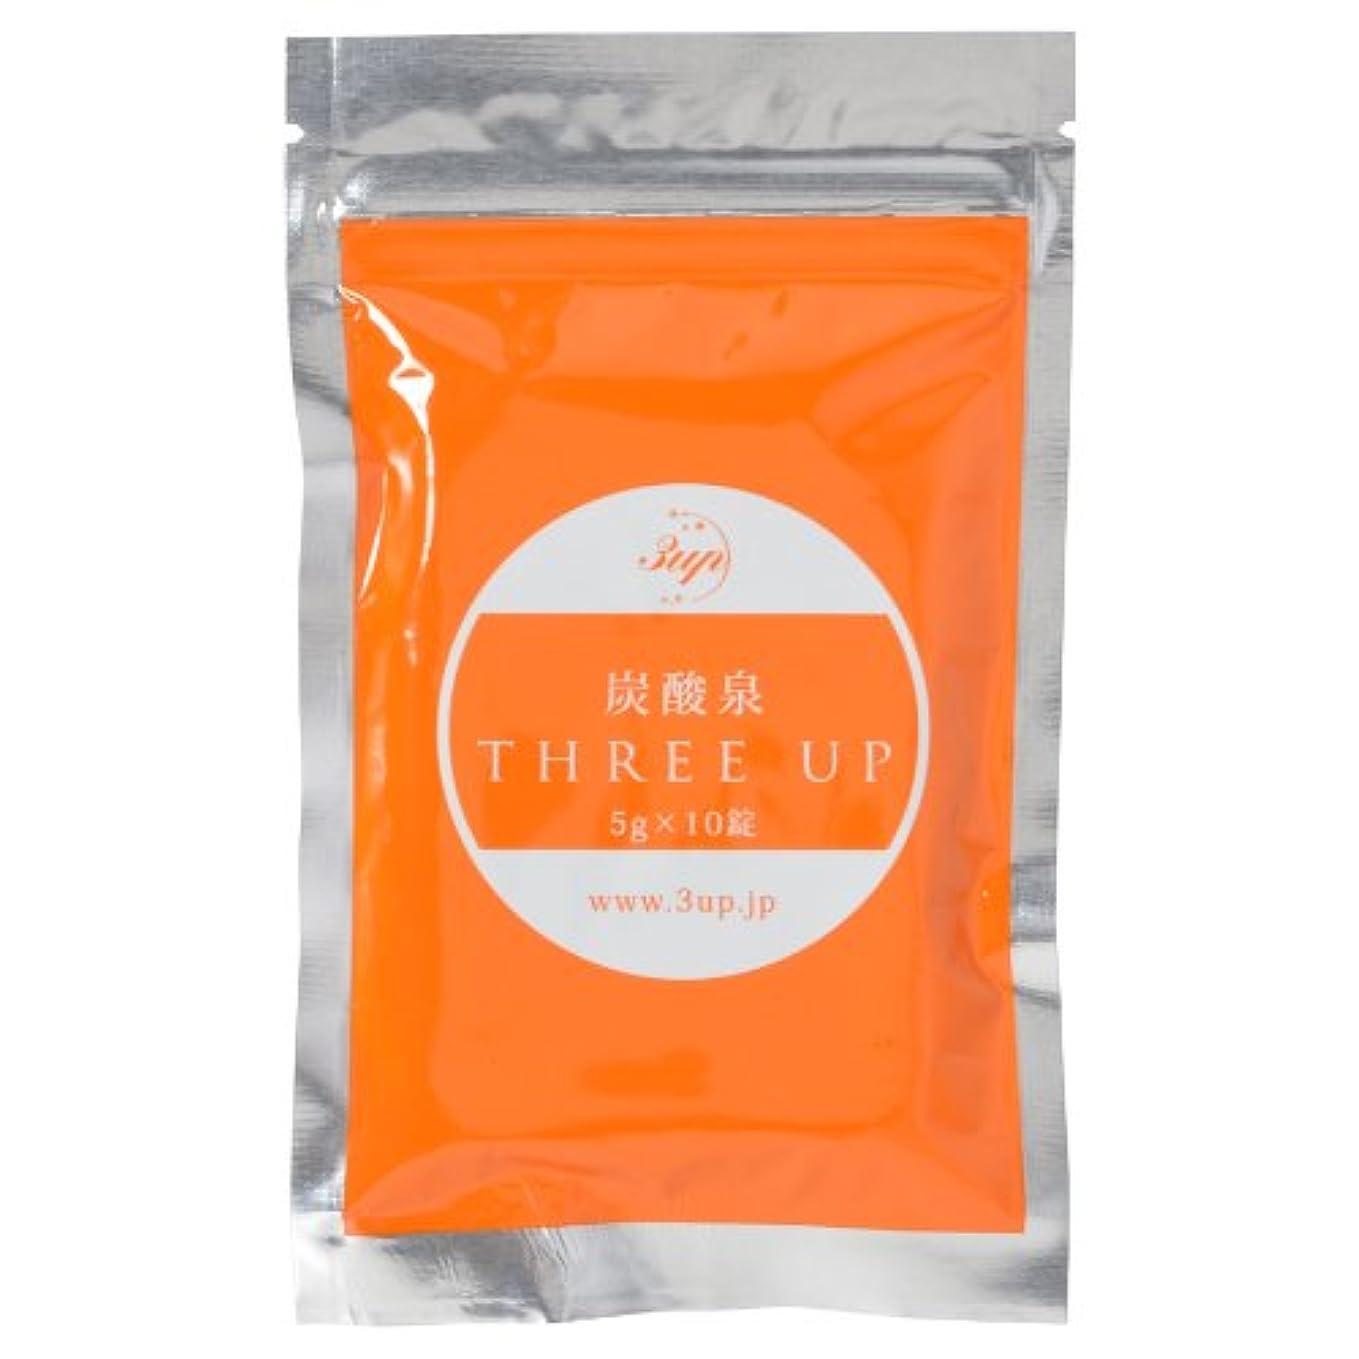 不合格不合格免疫する3upスリーアップ 重炭酸イオンタブレット(洗顔用) 1袋:5g×10錠